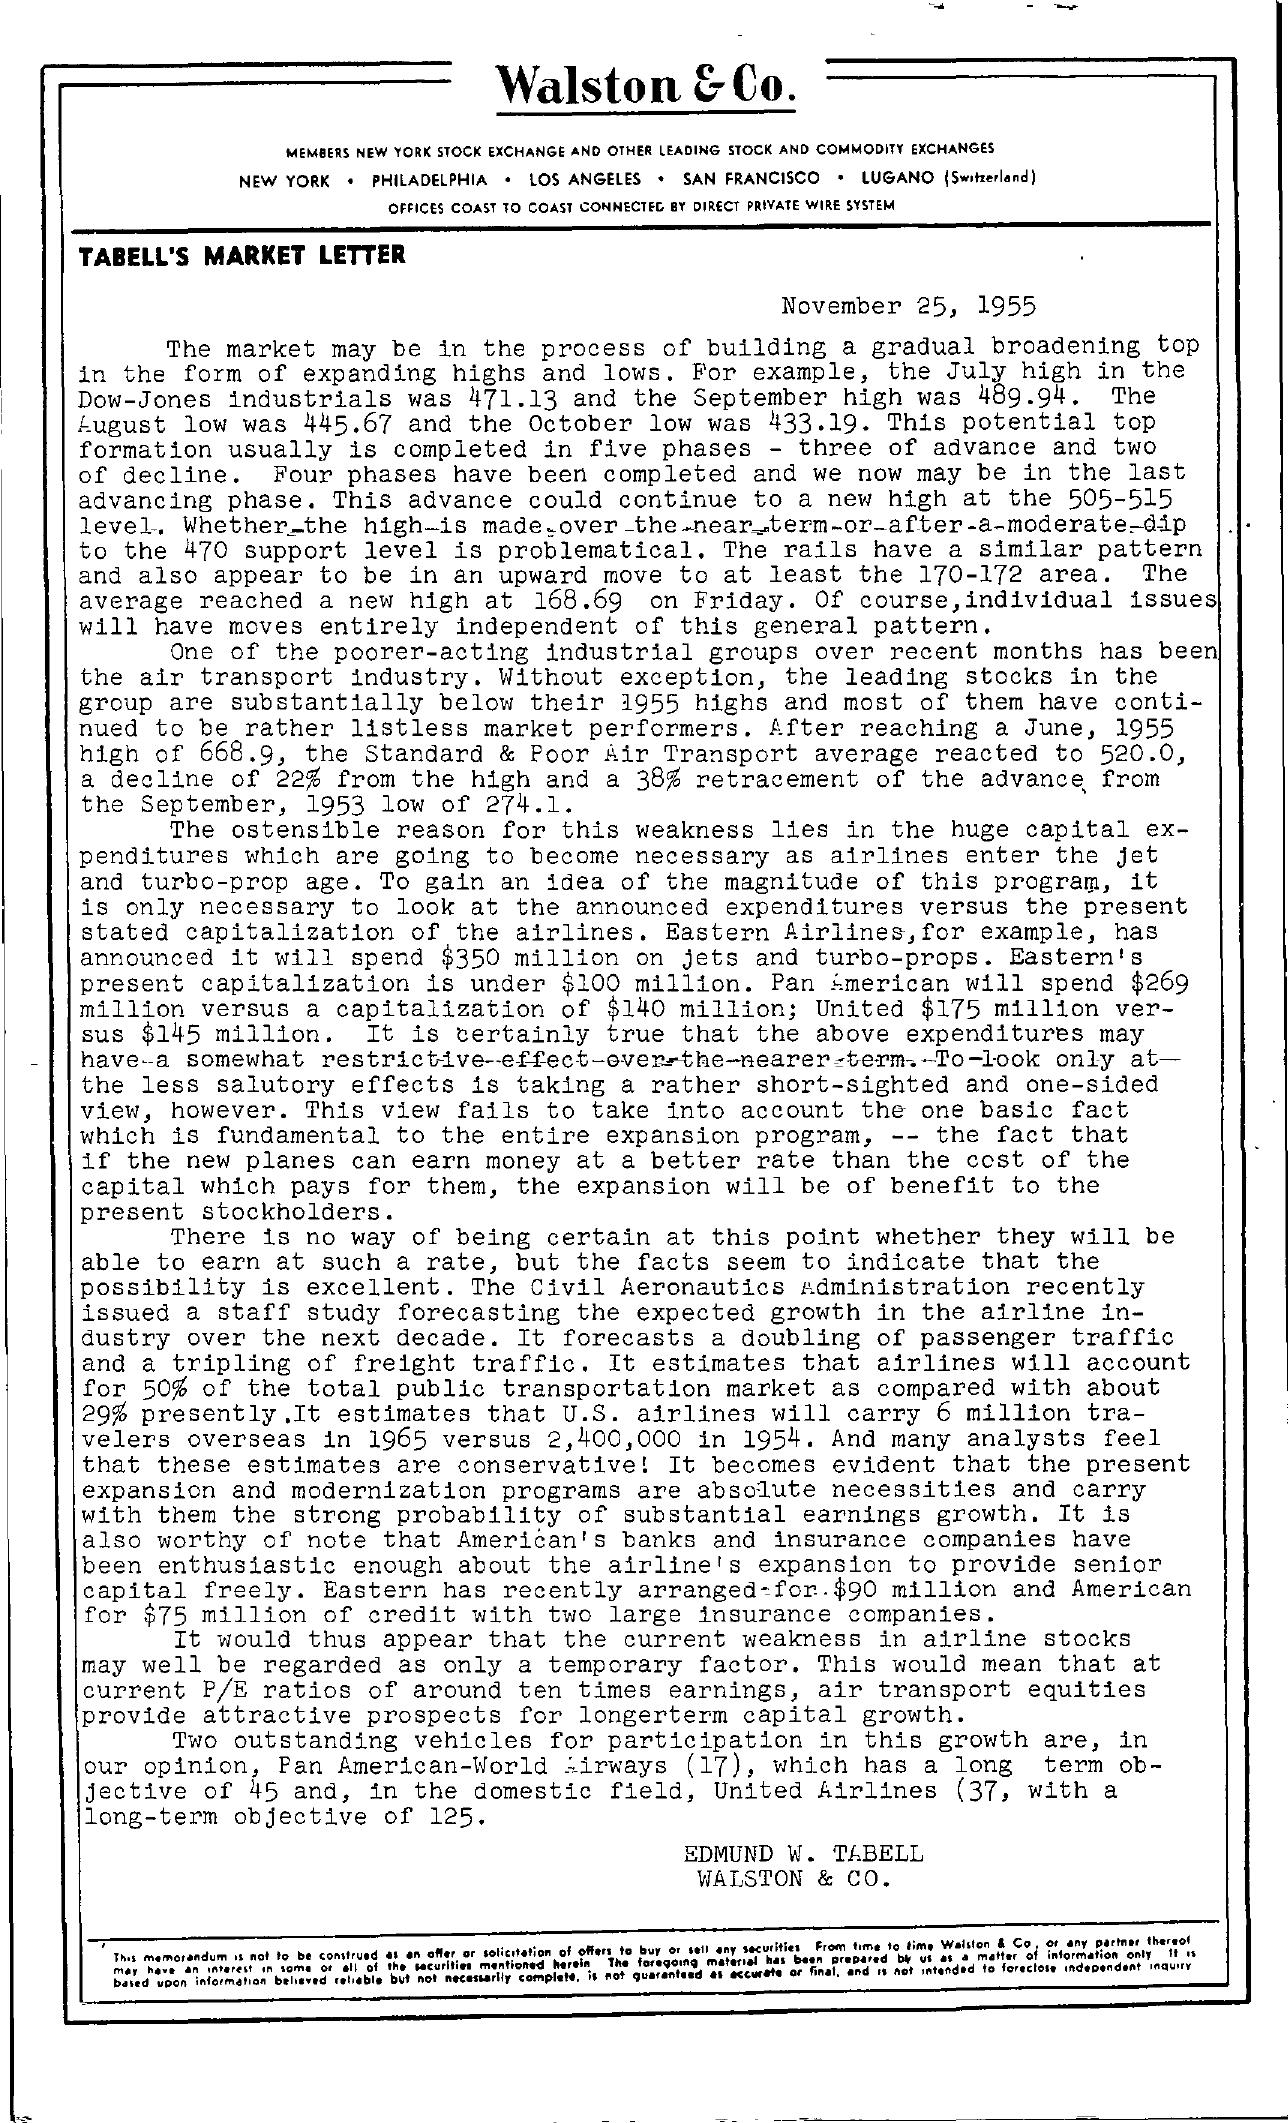 Tabell's Market Letter - November 25, 1955